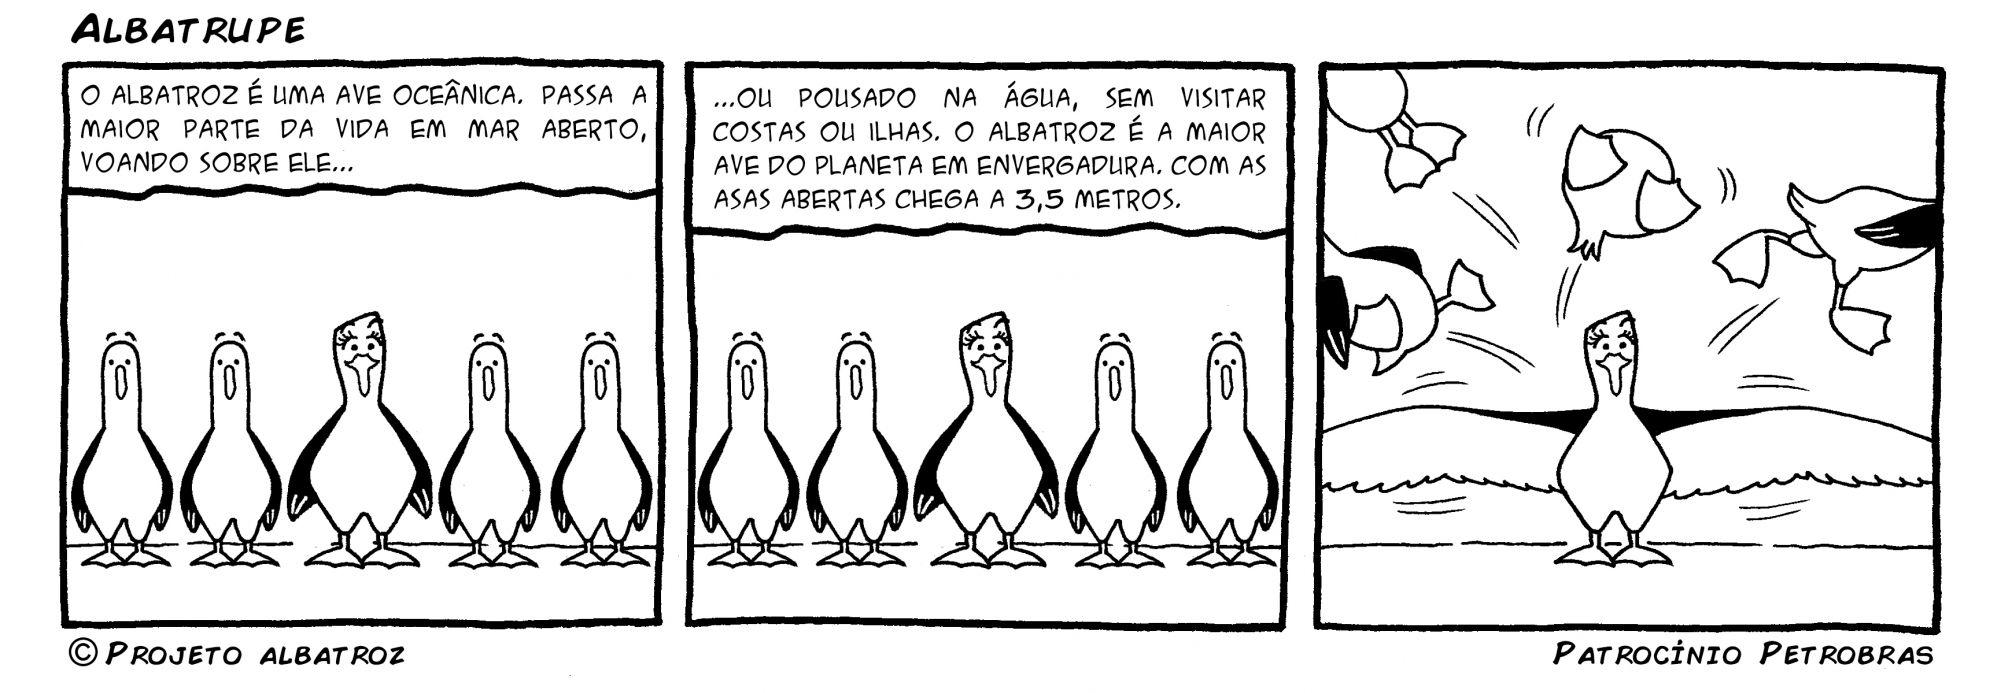 Tirinha-1-Português-Albatroz